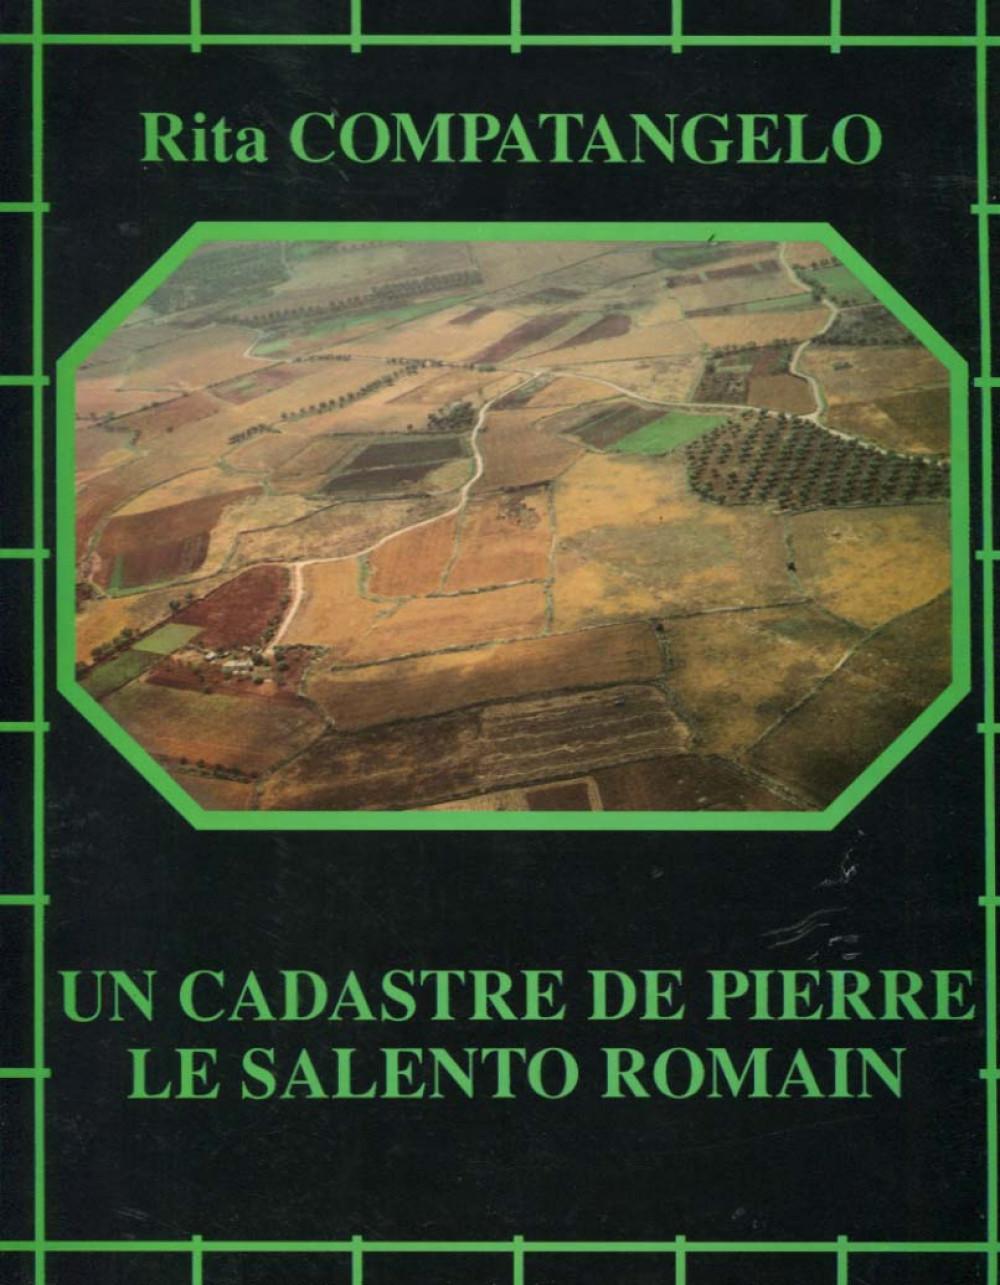 Un cadastre de pierre <br> Le salento romain